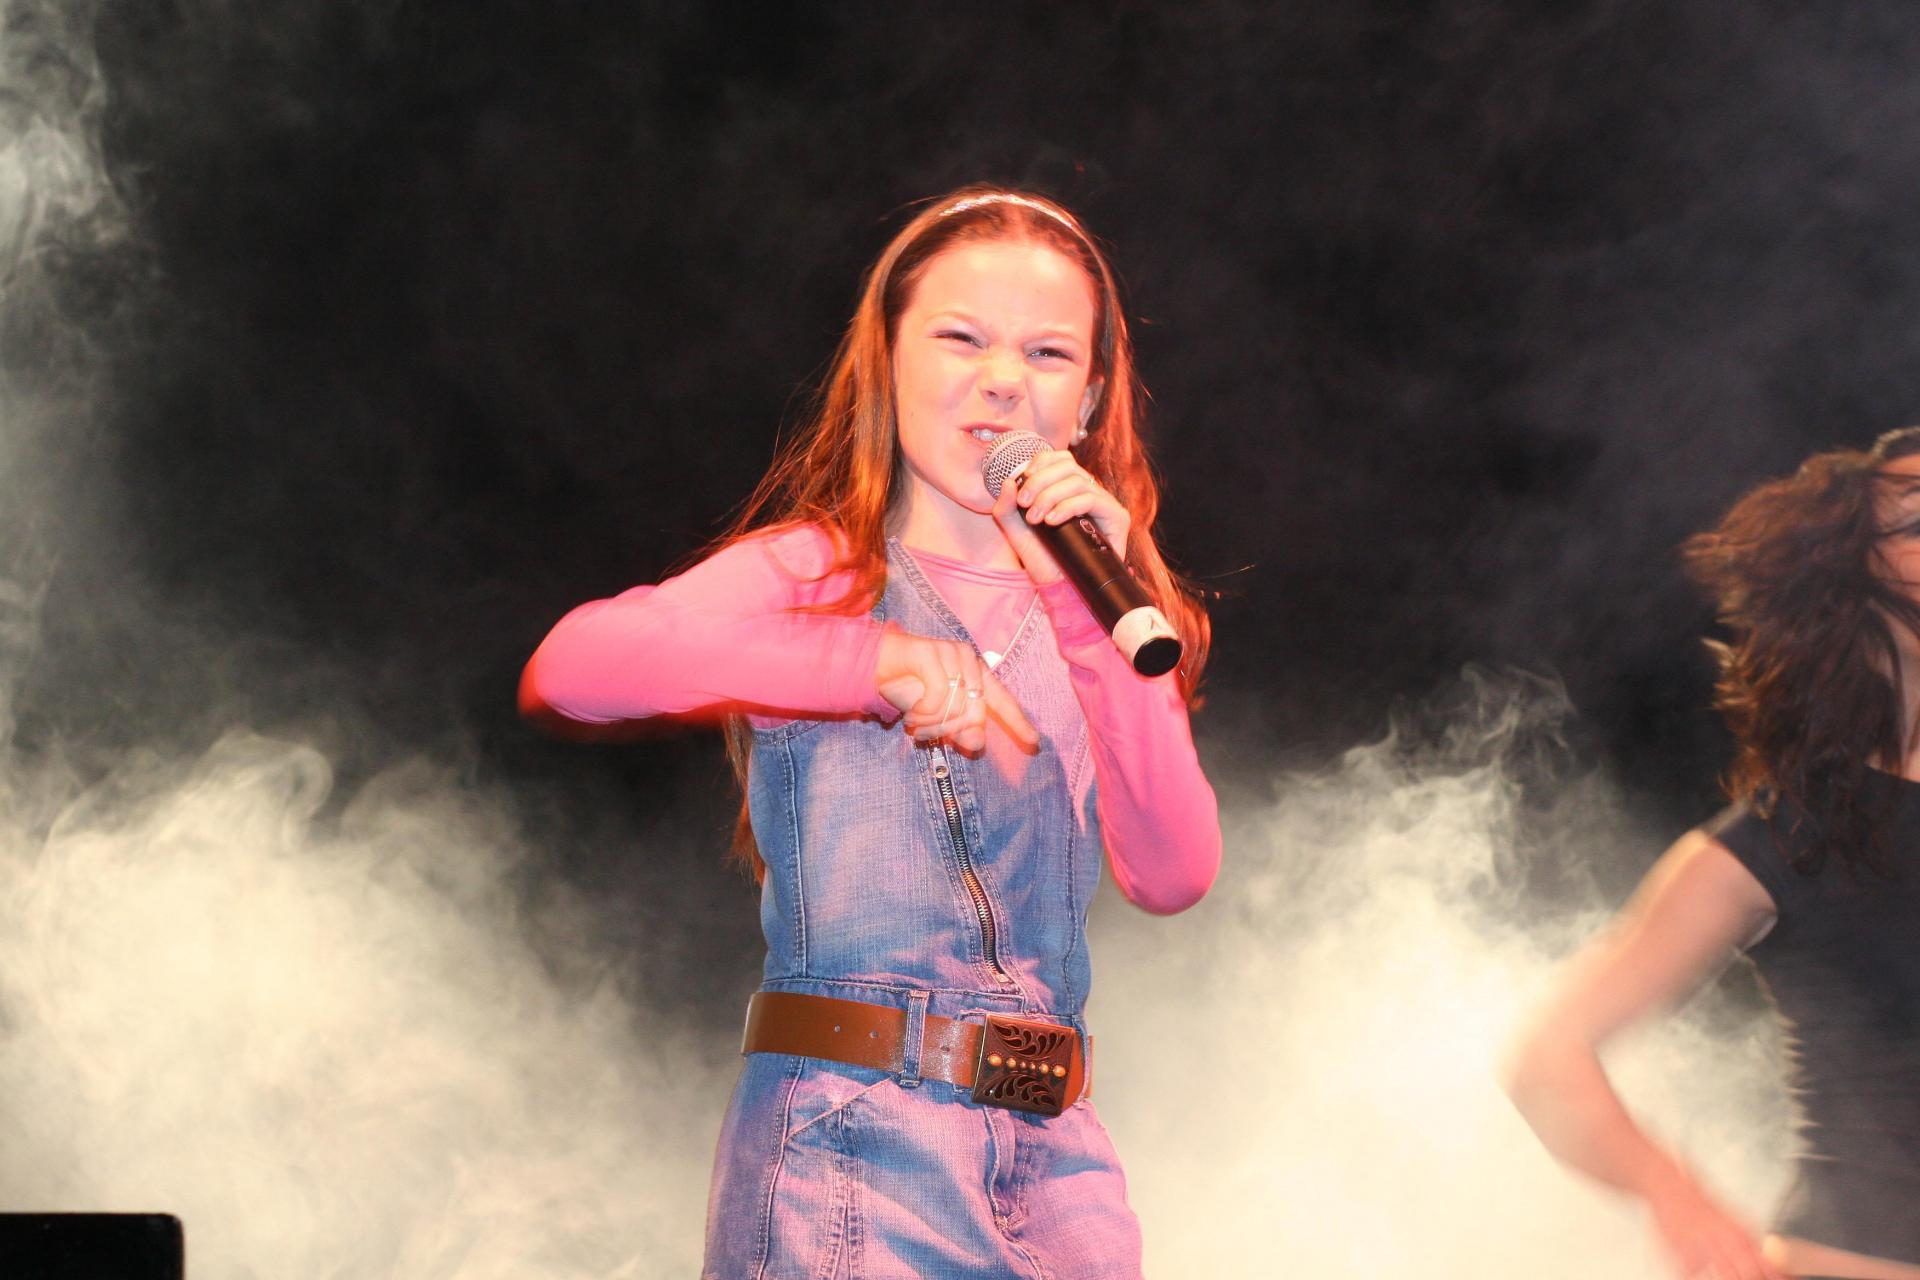 Imagen de María Isabel en 2006, que reunió a 4.000 personas en su concierto en Son Moix